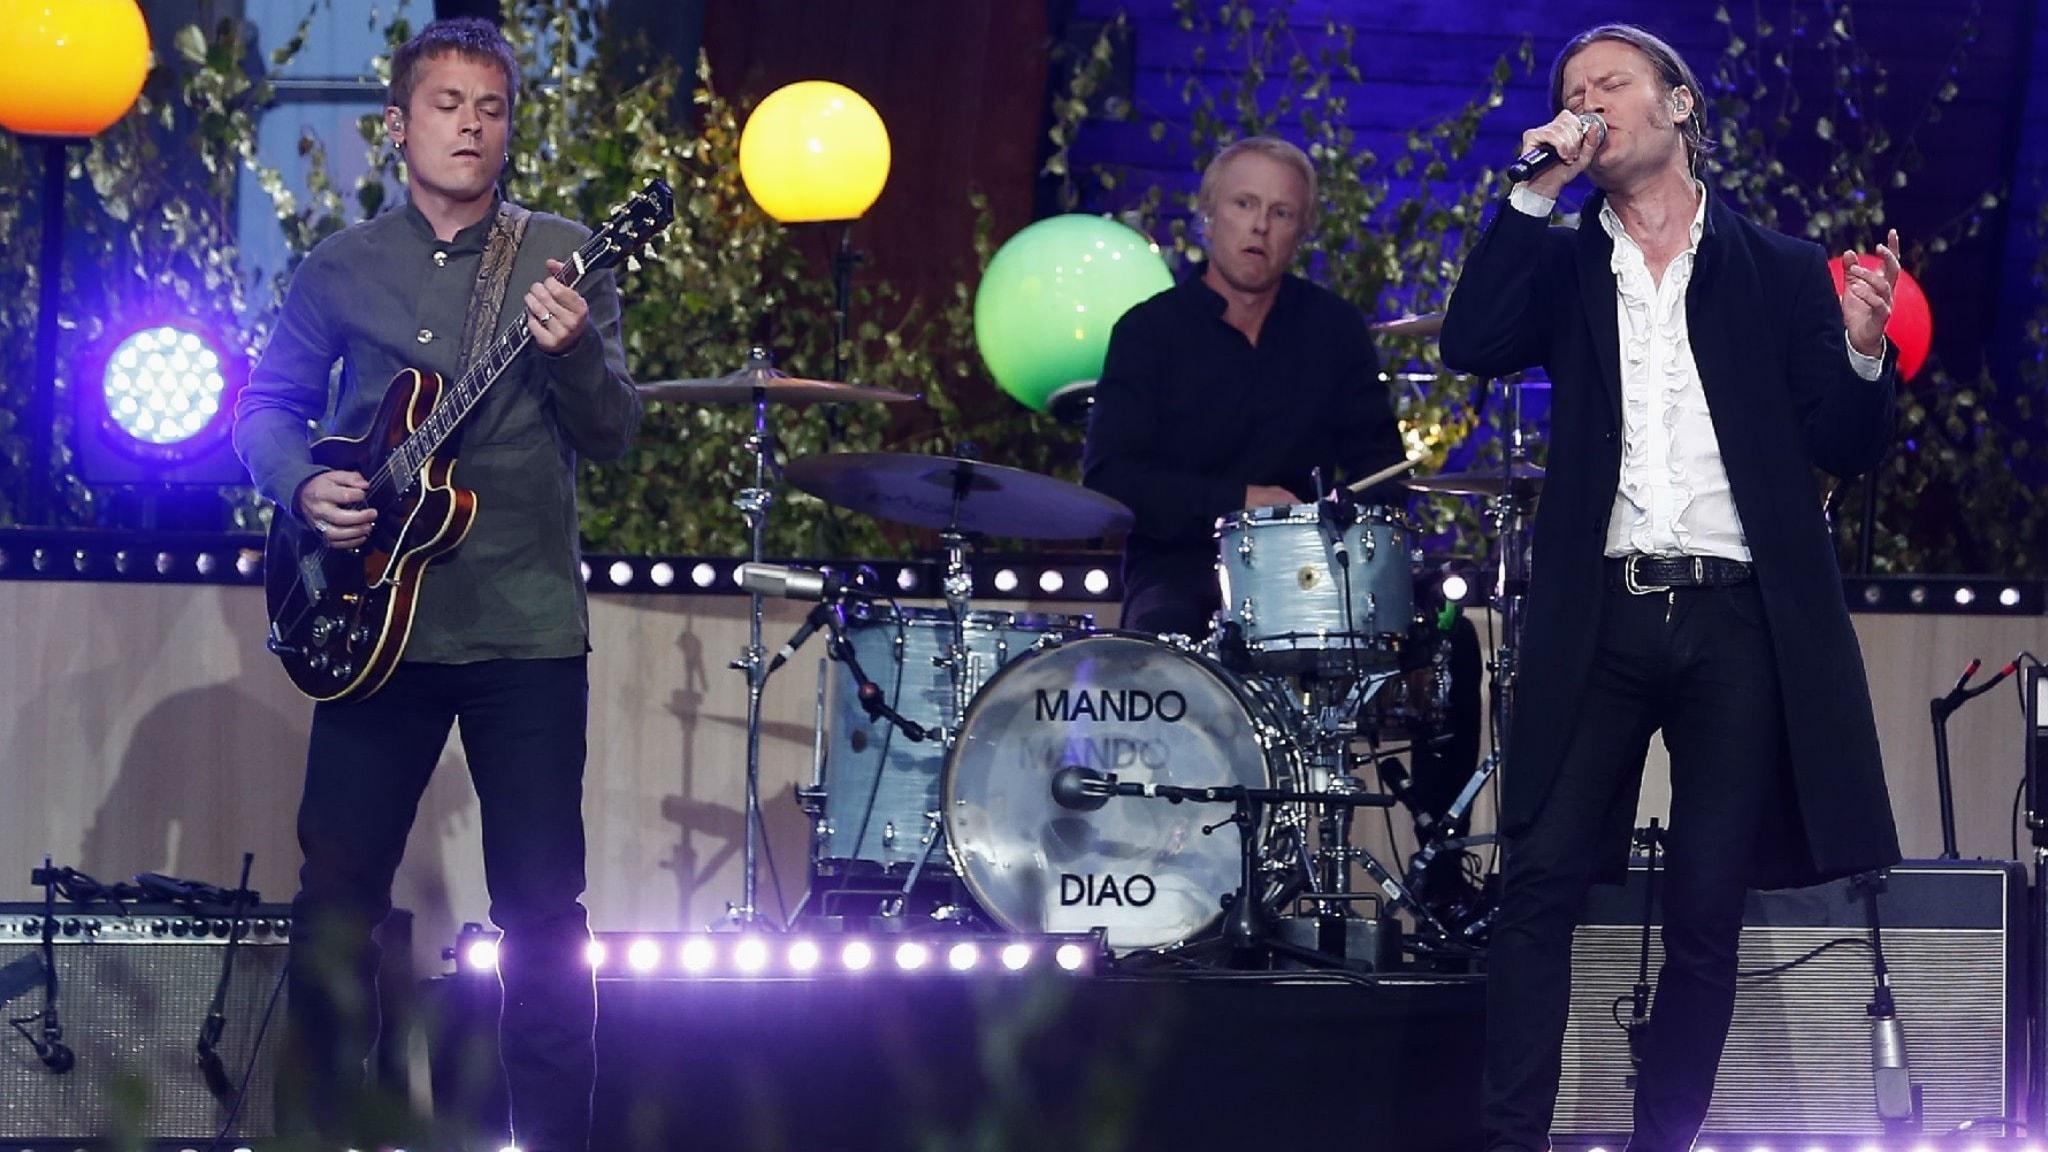 Hör nytt med Mando Diao, The Rolling Stones, Katy Perry och återvinning av en hit med Tina Turner!